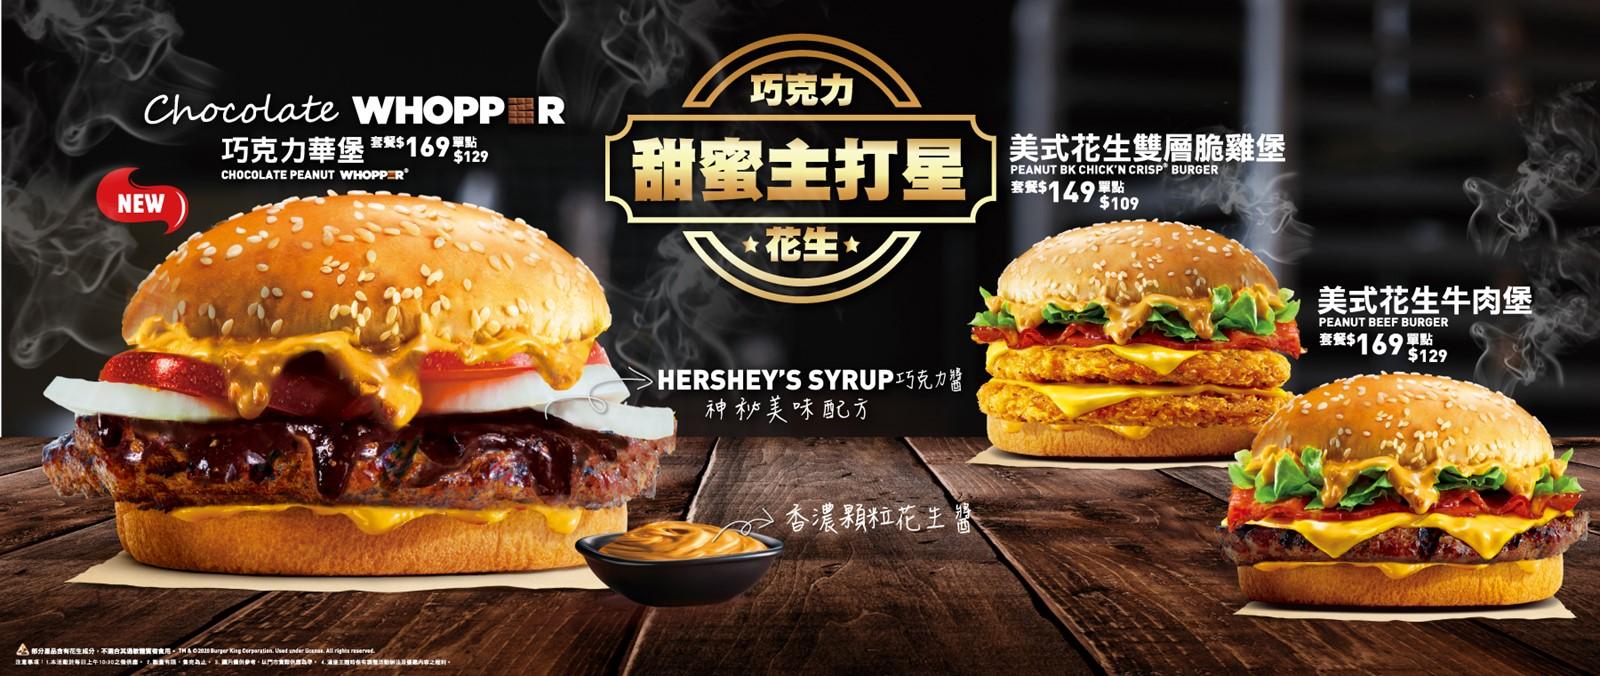 漢堡王新品上市